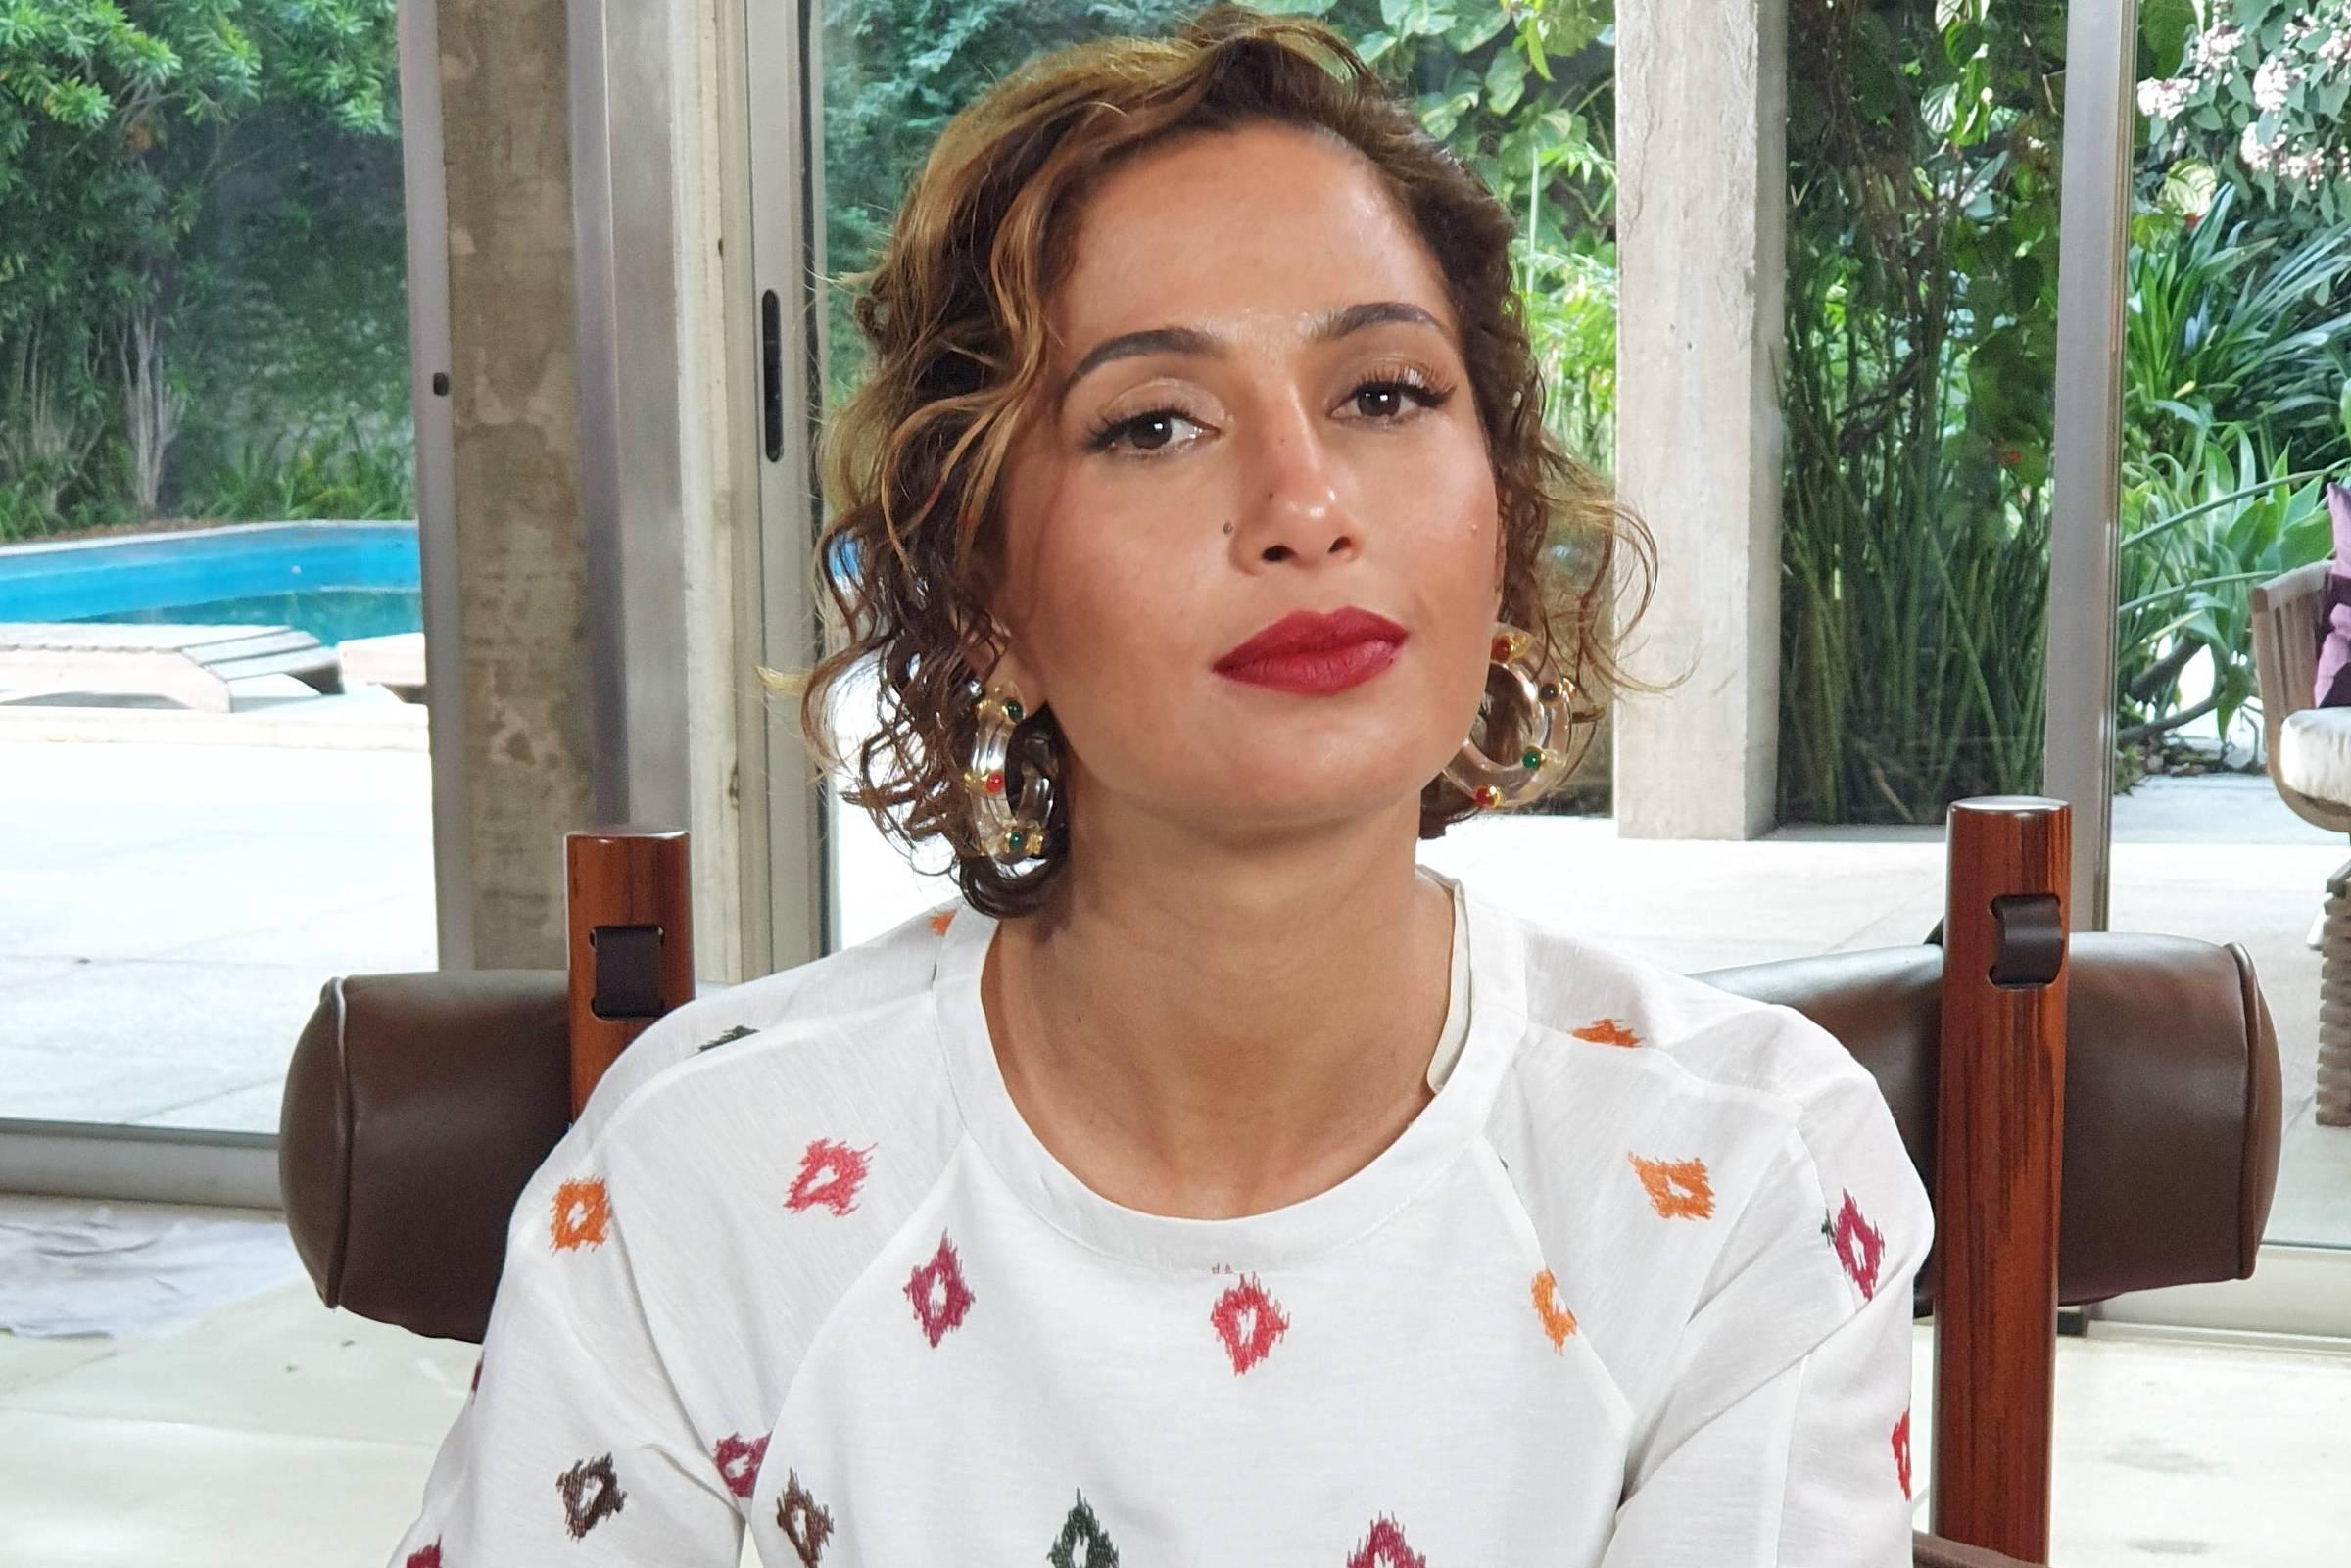 Fotos De Camila Pitanga Nua f5 - celebridades - camila pitanga vence processo contra a